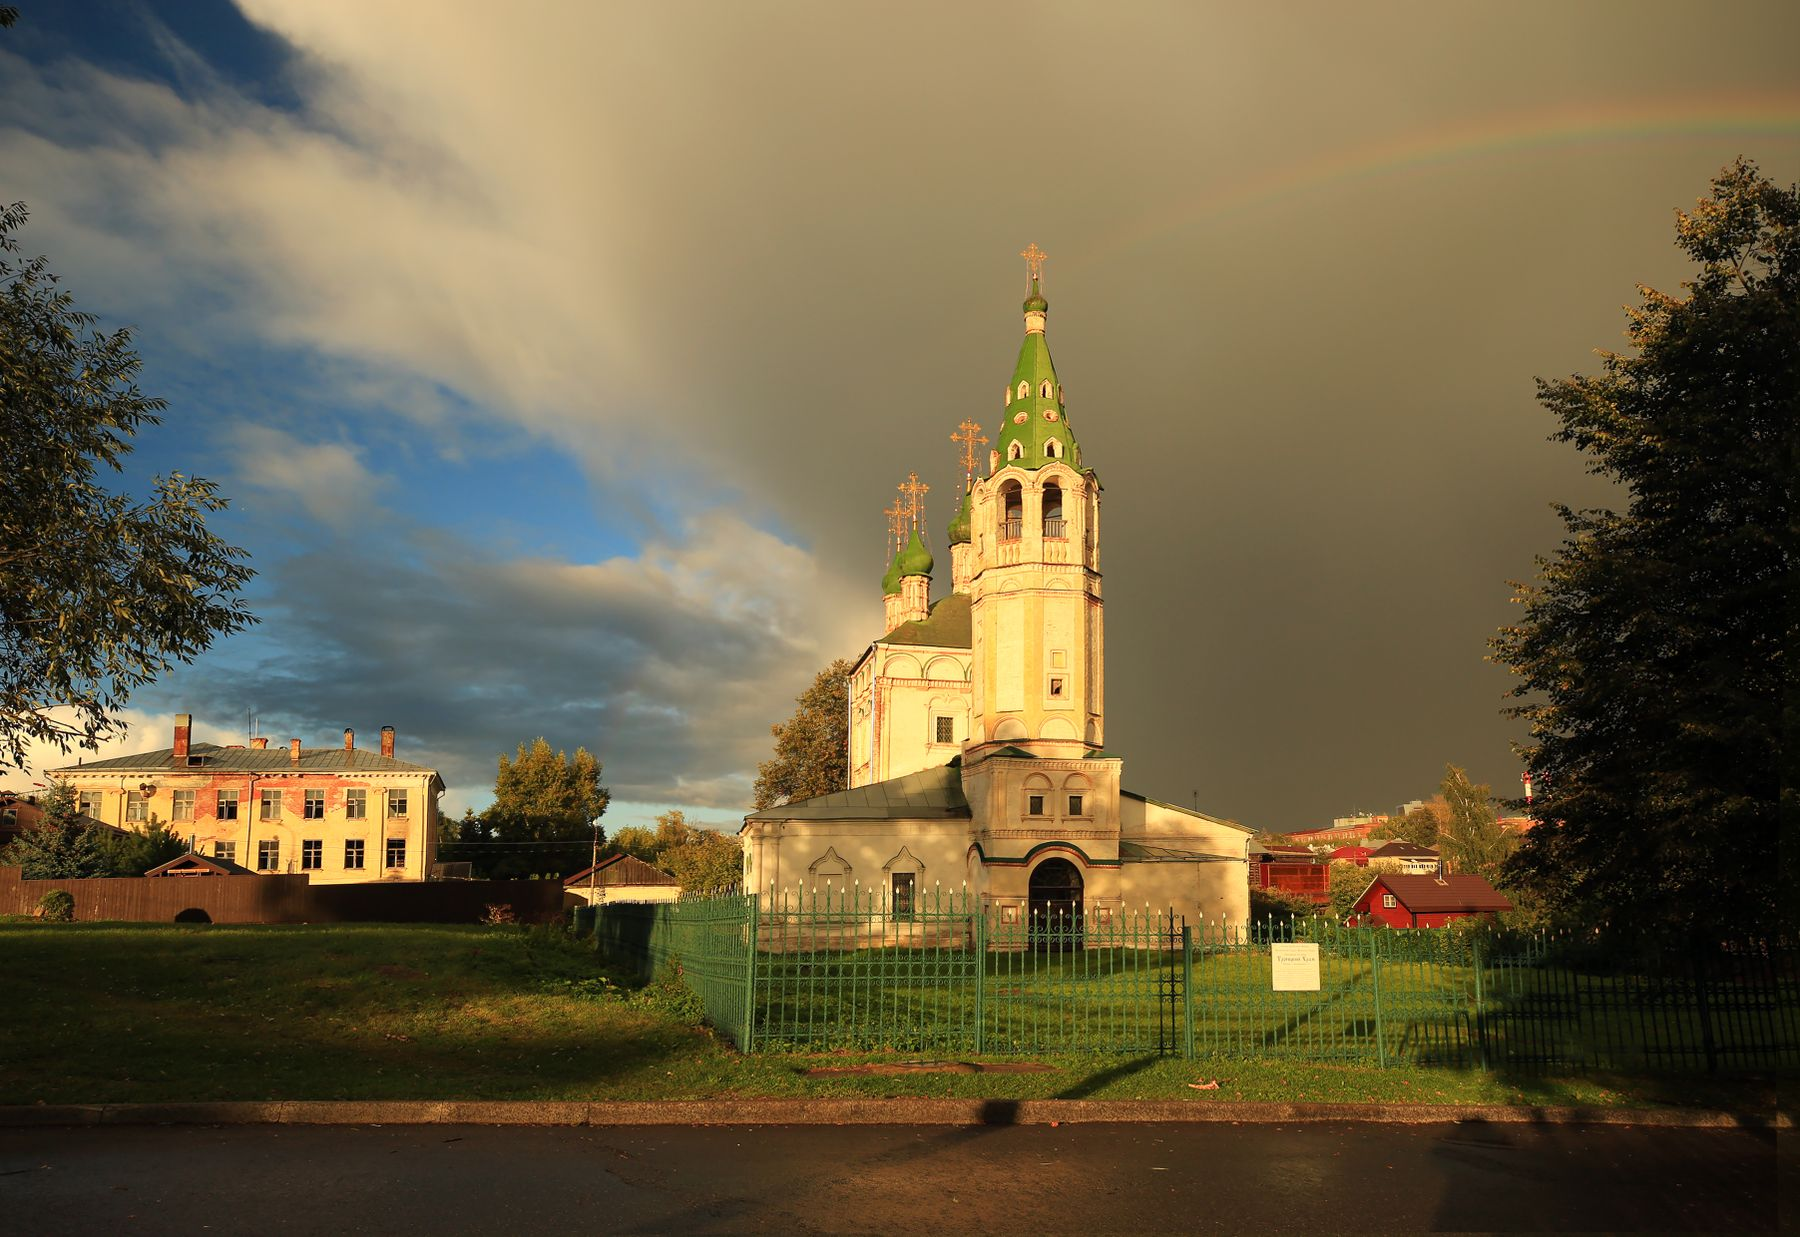 Гроза прошла Серпухов Троицкая церковь вечер после грозы